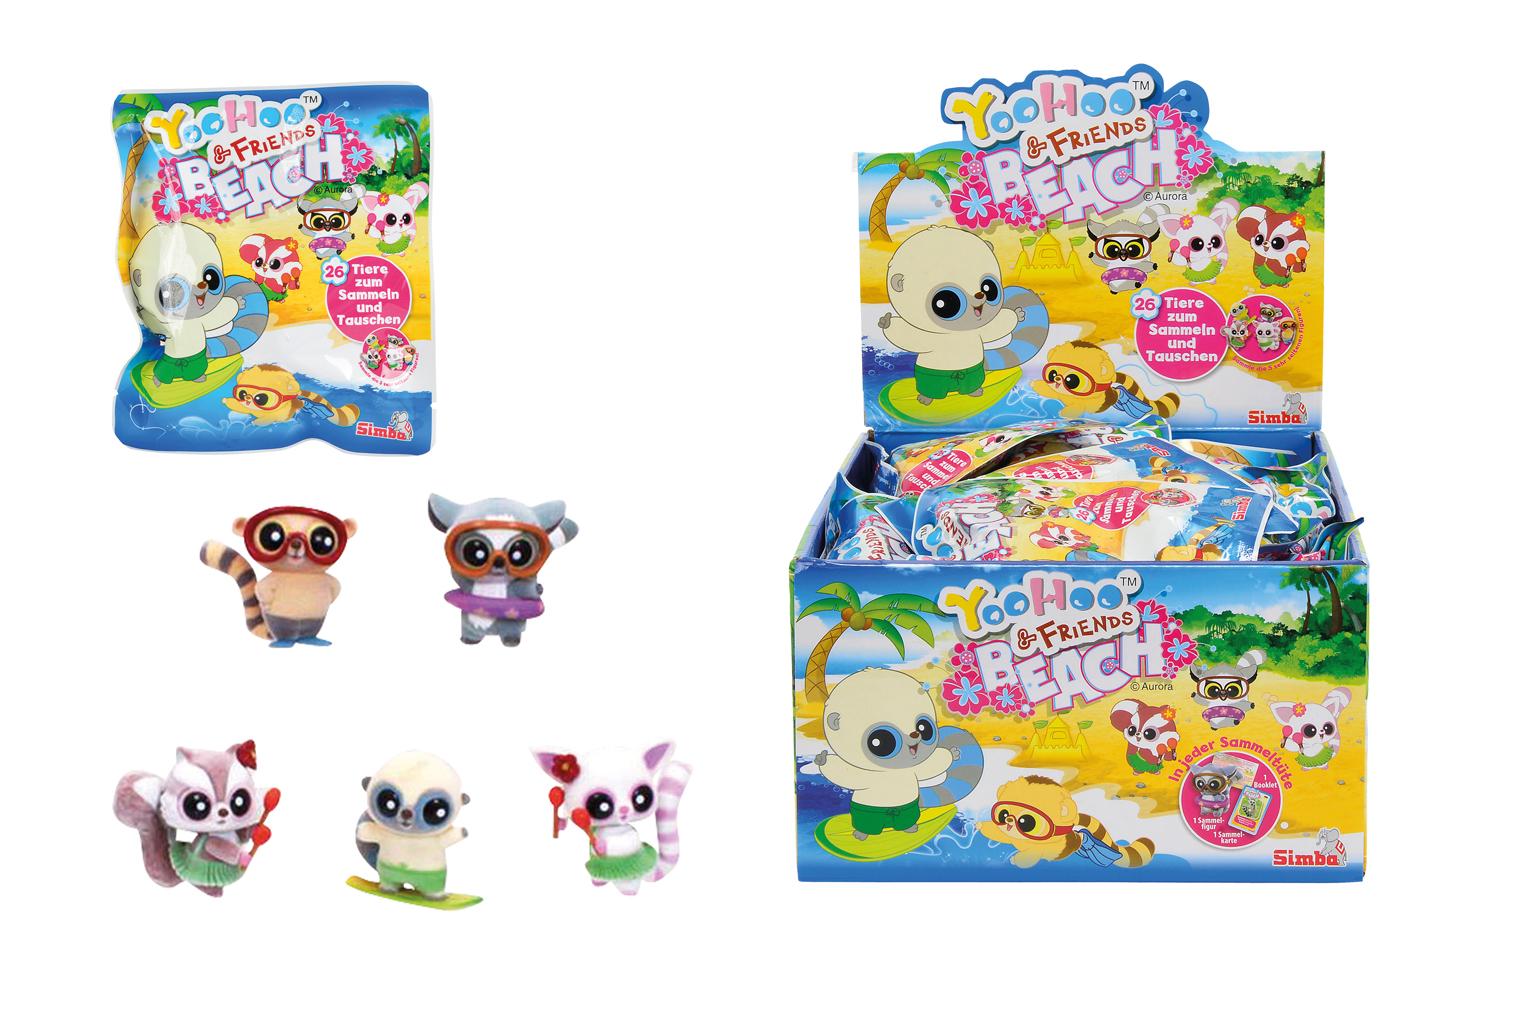 Купить Мини-фигурки YooHoo&Friends Beach в закрытом пакете, Simba